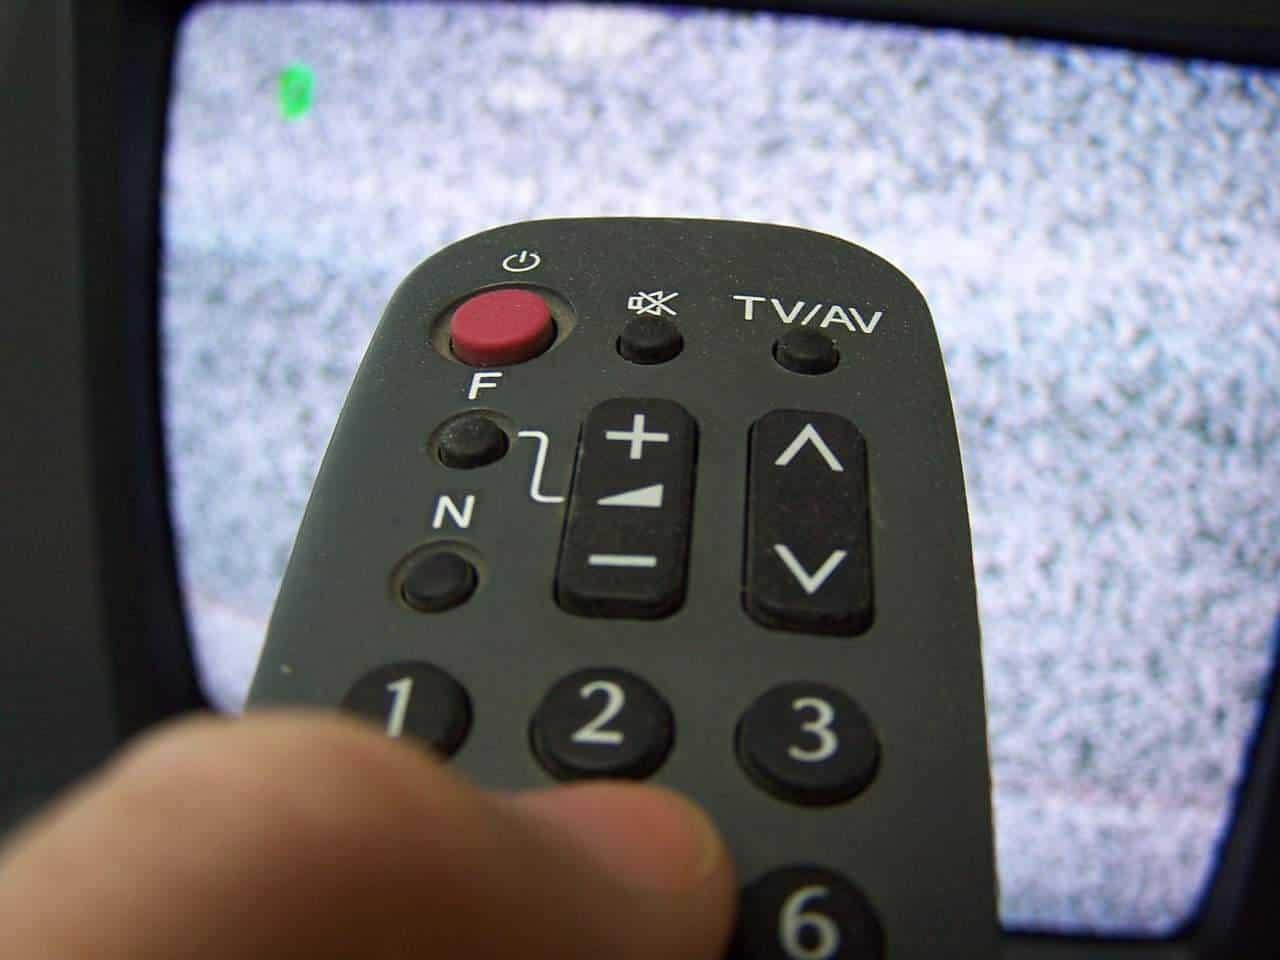 TV Fora do ar - APAGÃO ANALÓGICO EM RIBEIRÃO PRETO E FRANCA É CONFIRMADO PARA ESTA QUARTA-FEIRA - 21/02/2018